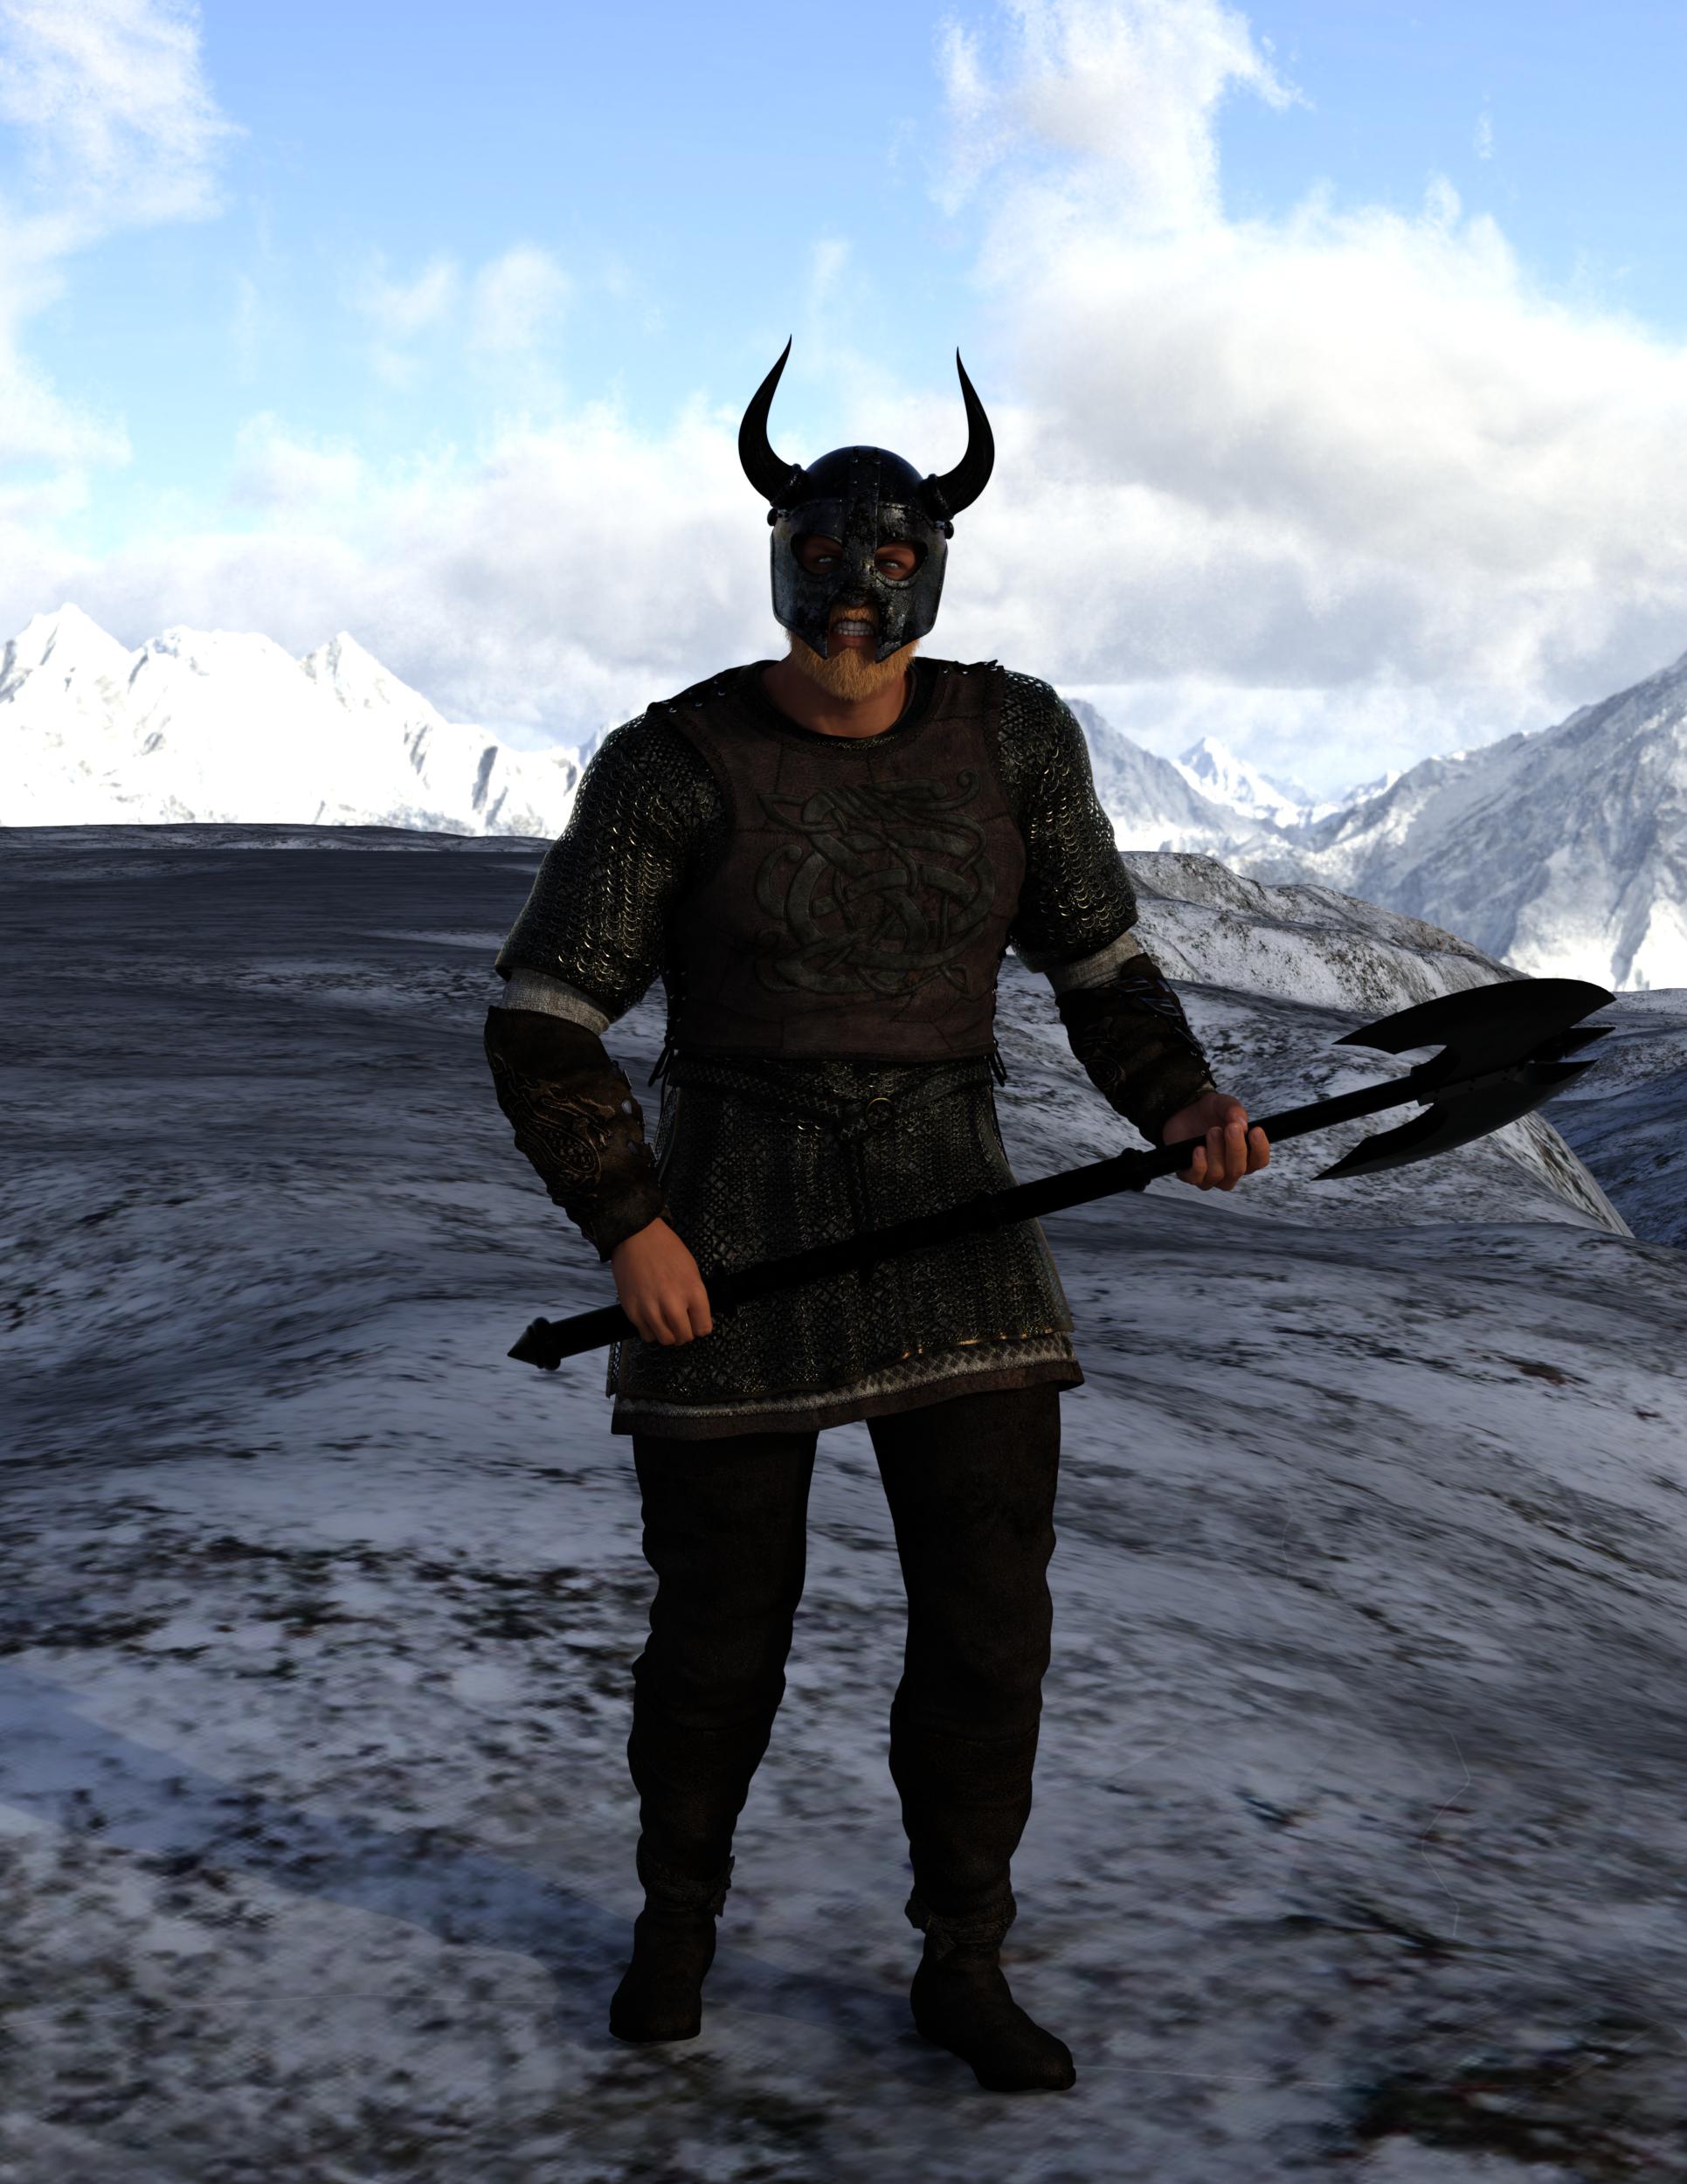 nordheimer_warrior_by_daemonideus-d9tk8av.png